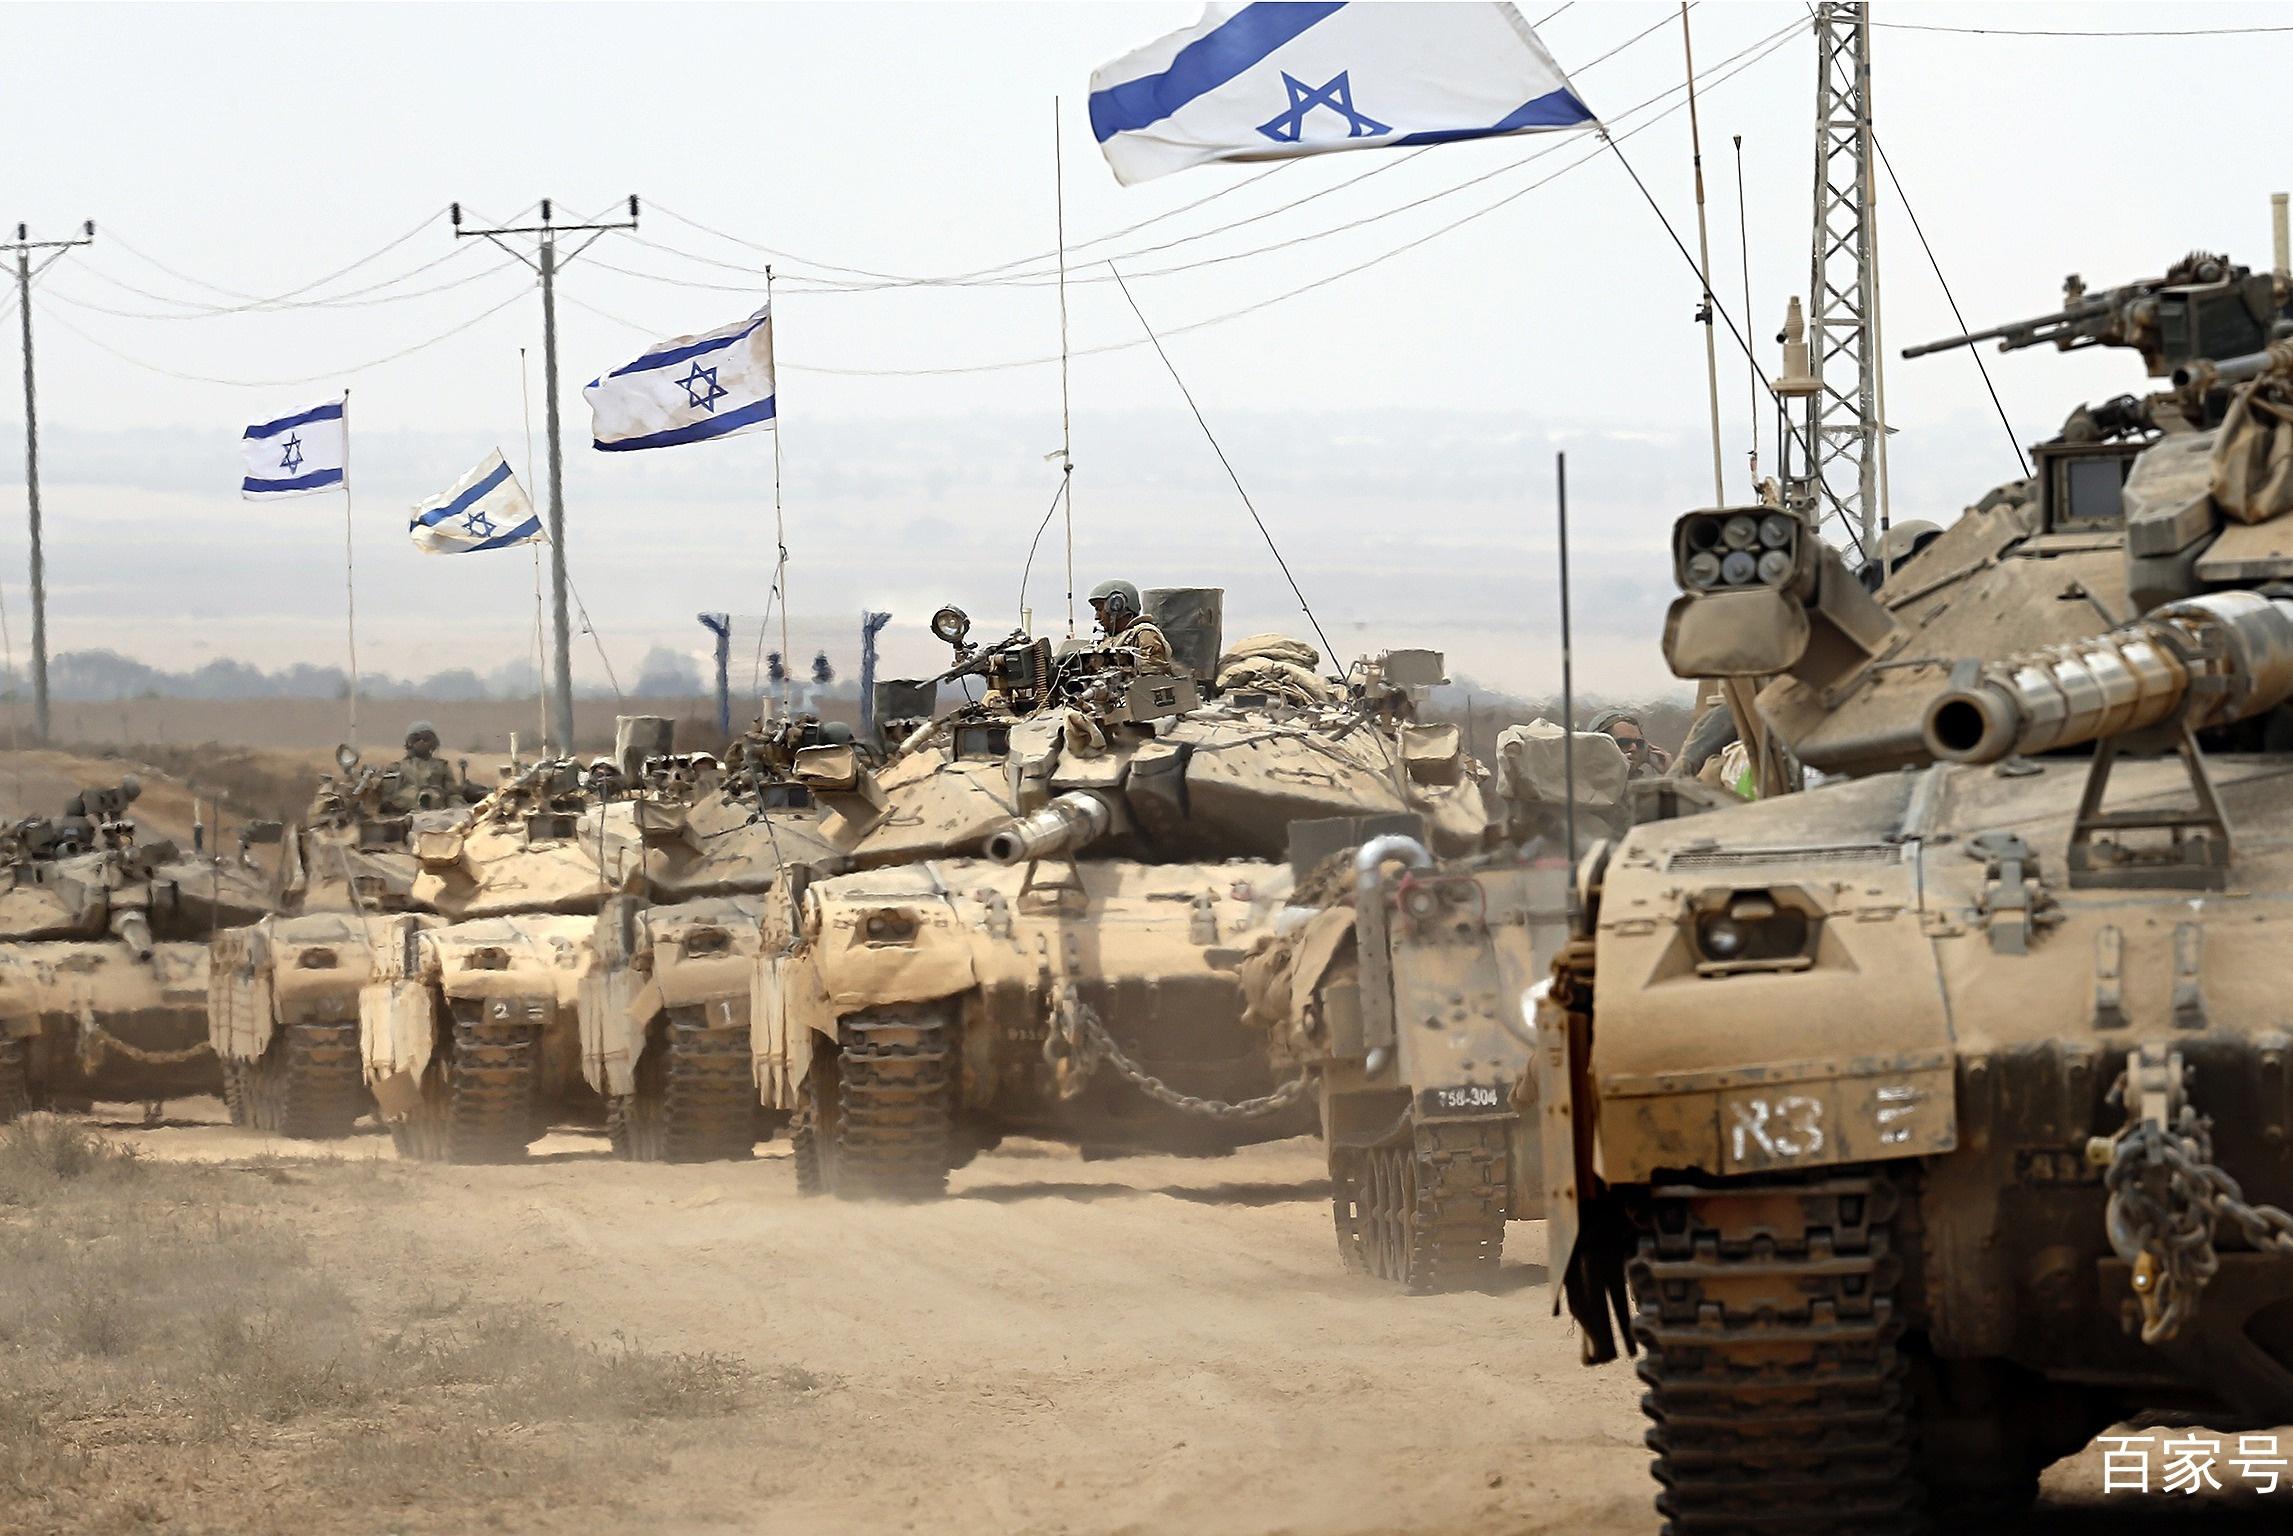 欧美帮犹太人建国,为何苏联也帮以色列?